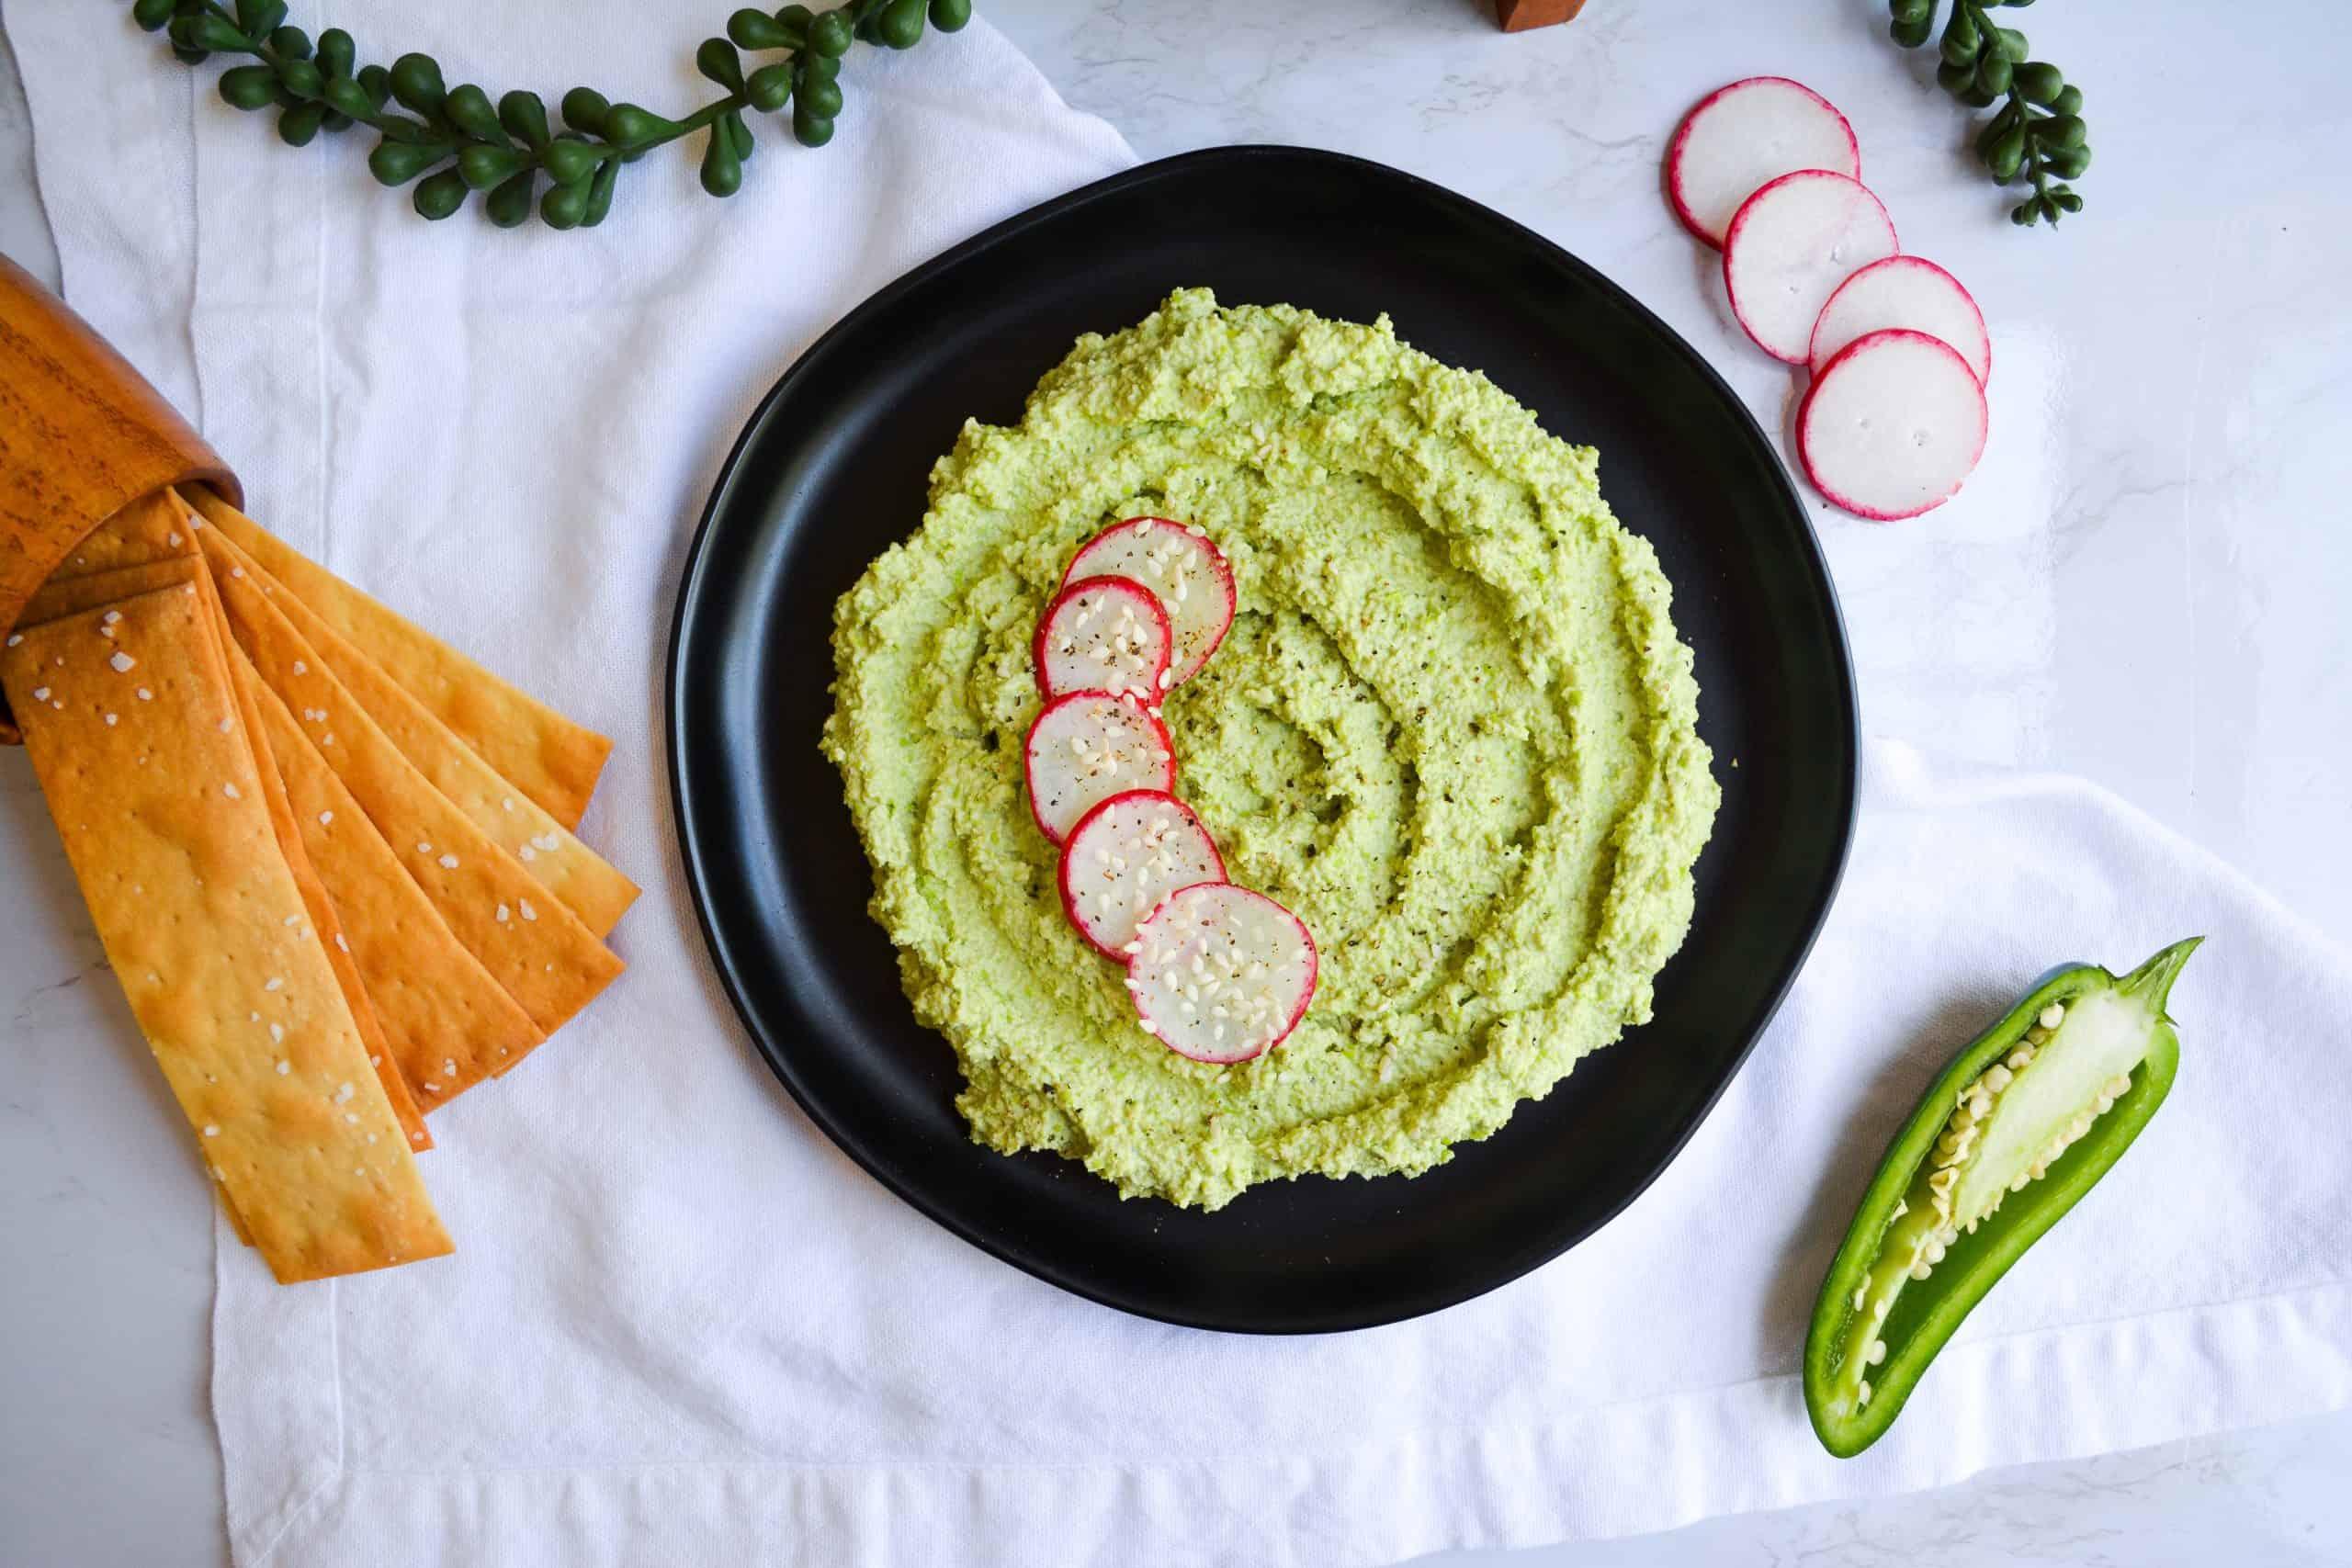 Spicy Jalapeño Edamame Hummus